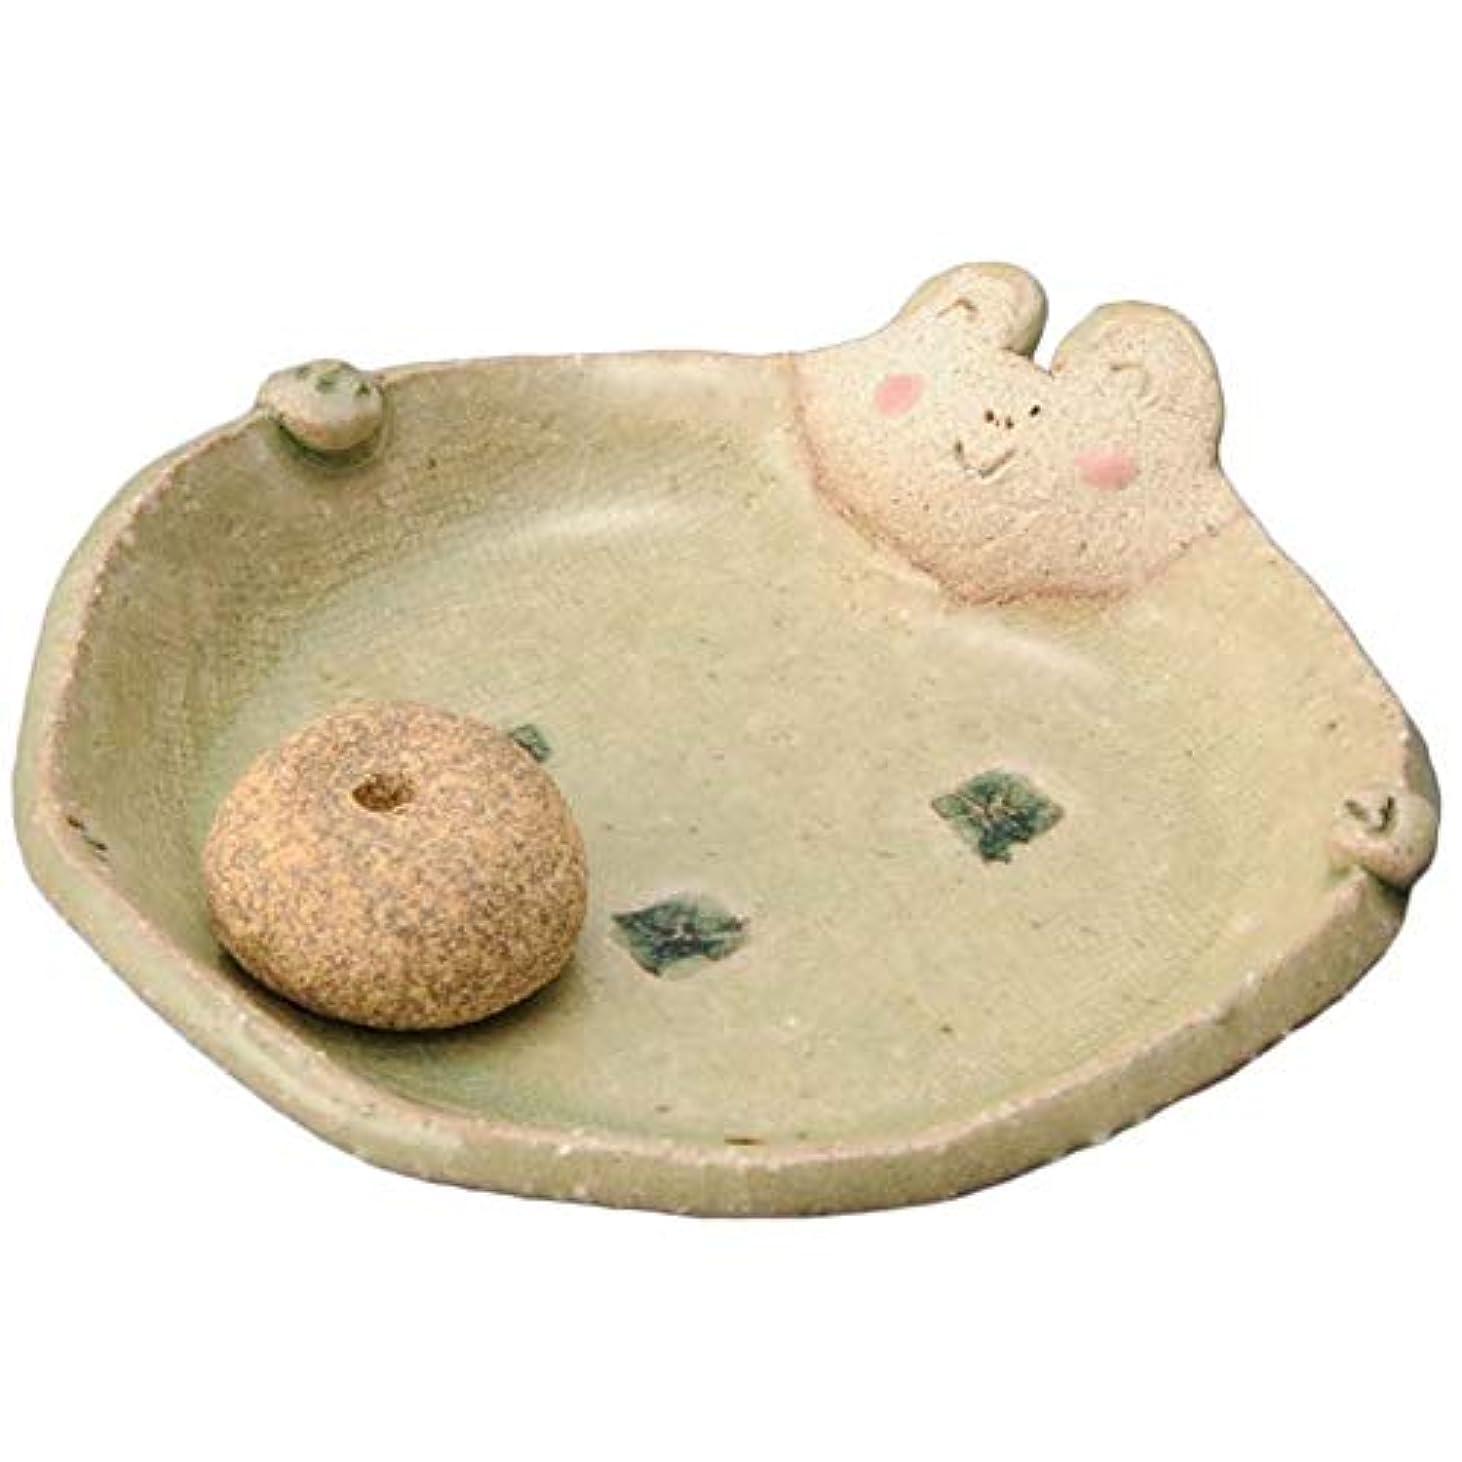 等しいまた儀式手造り 香皿 香立て/ふっくら 香皿(カエル) /香り アロマ 癒やし リラックス インテリア プレゼント 贈り物